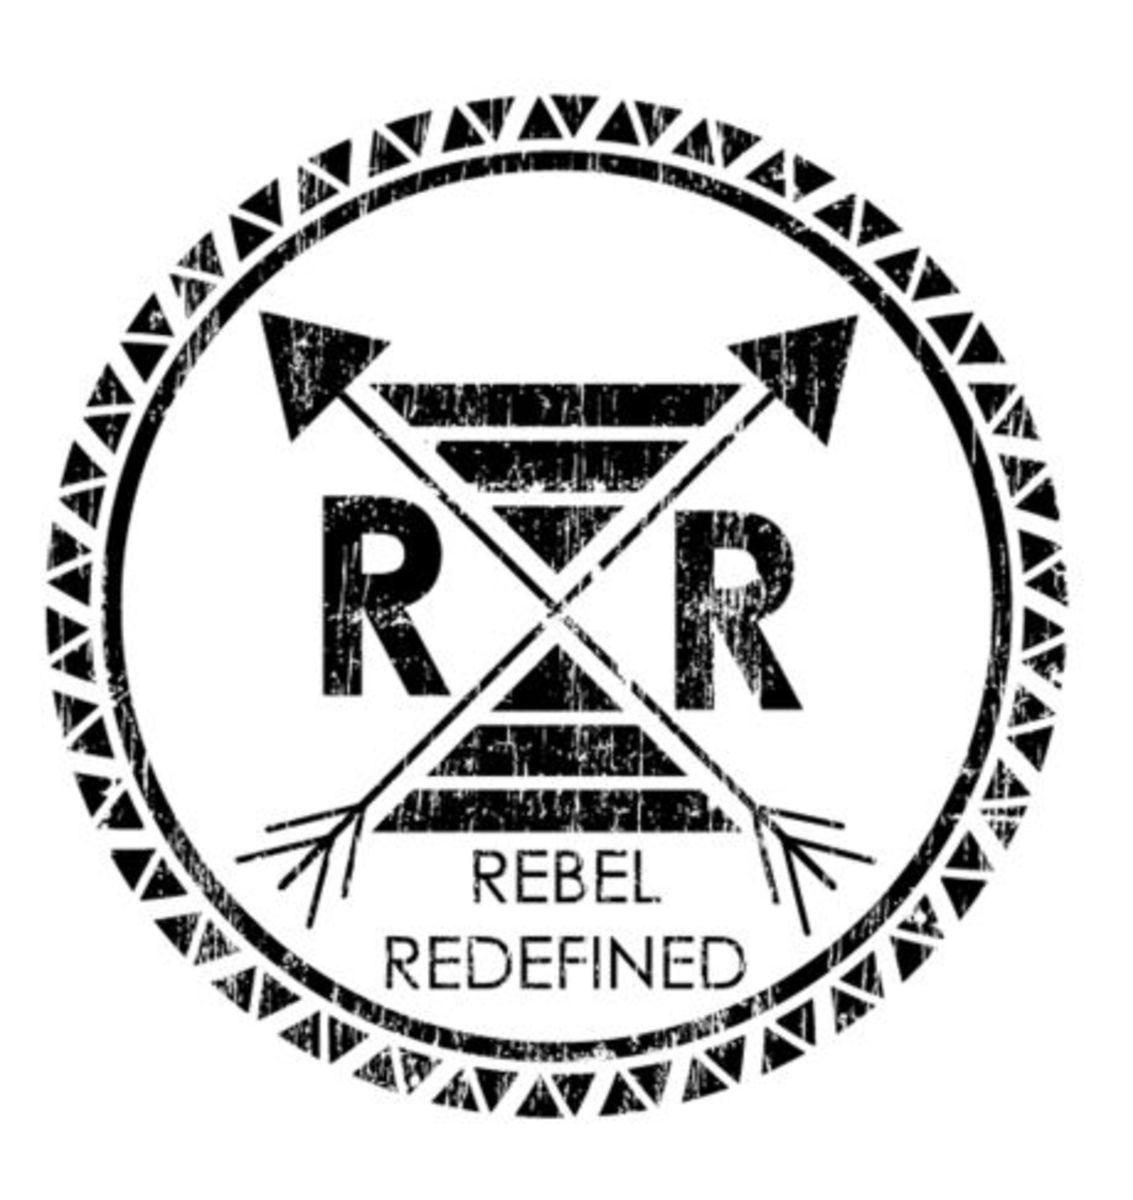 Rebel Logo.jpg